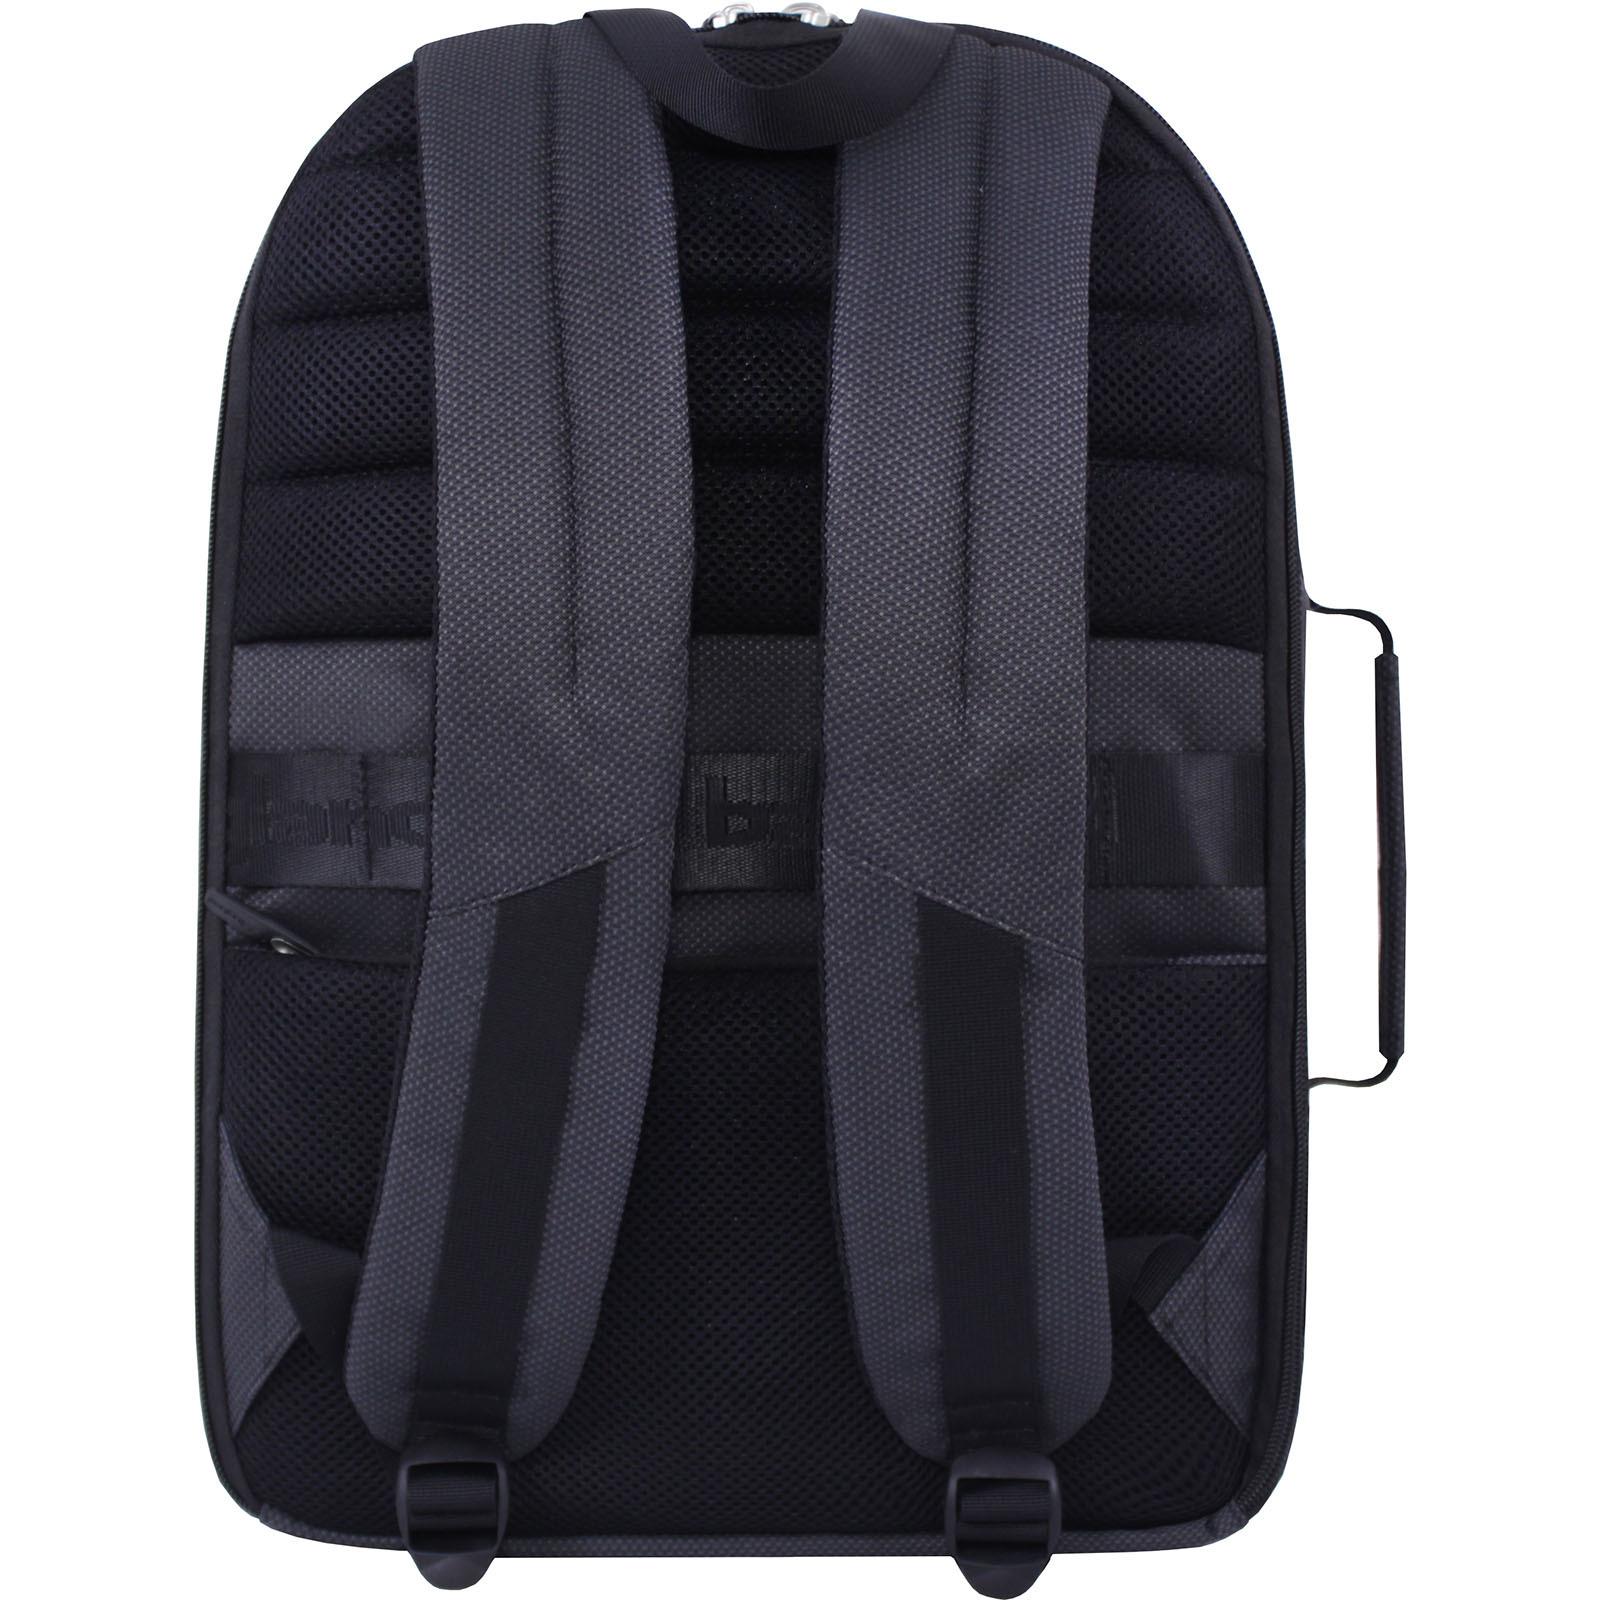 Рюкзак Bagland Keeper 14 л. черный (00183169) фото 3